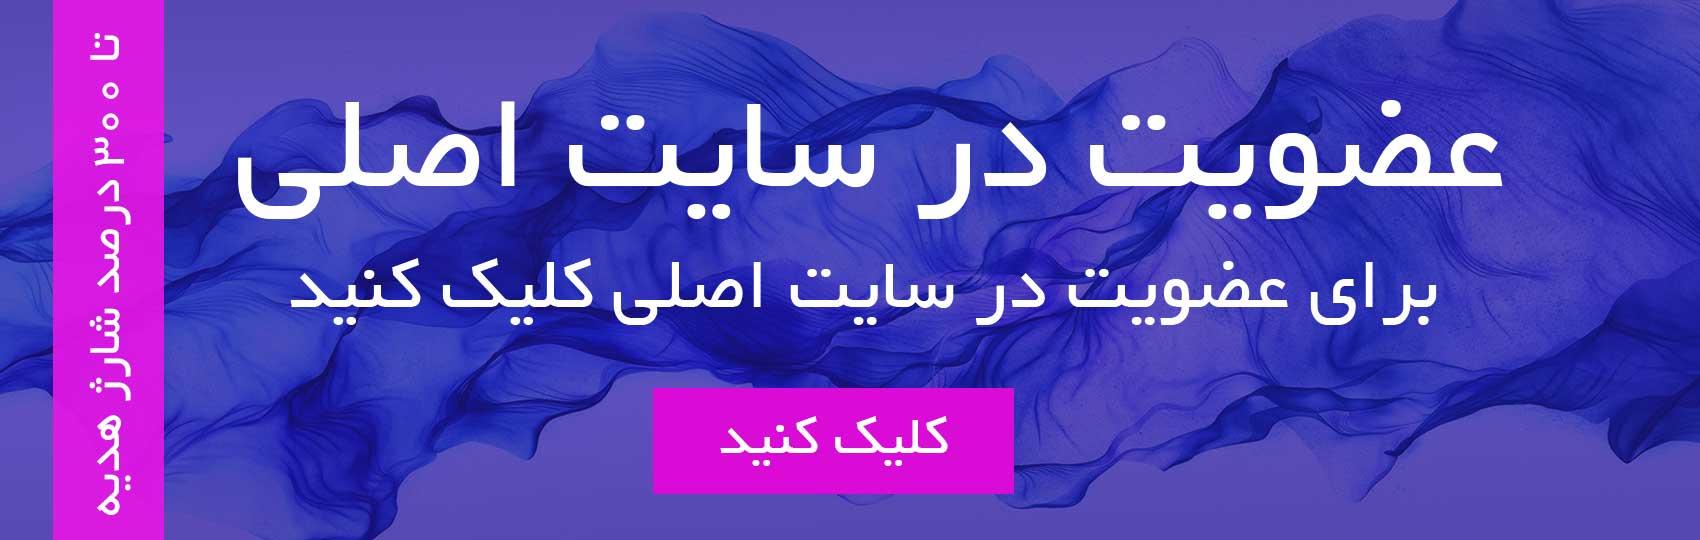 7 - سایت تتل بت (tatalbet) ثبت نام در تتل بت